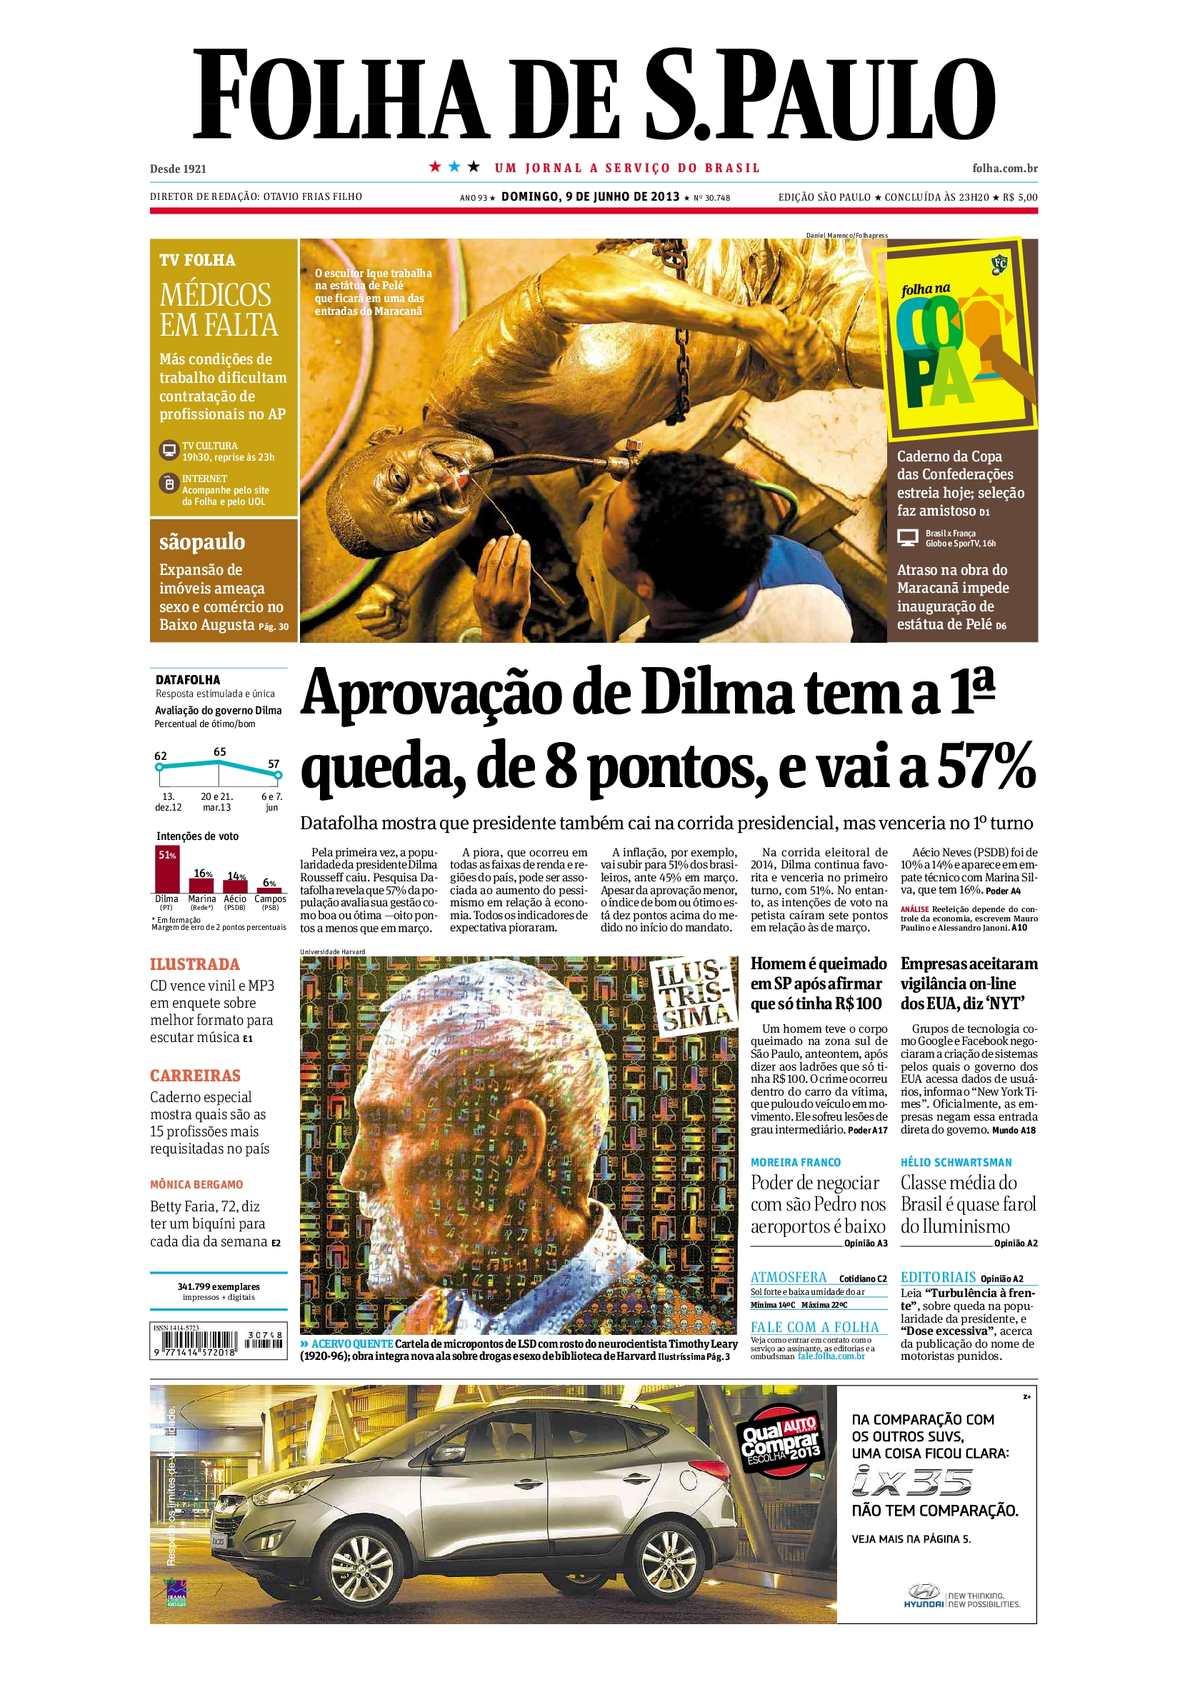 895dca5a0 Calaméo - Folha de São Paulo 09-06-13